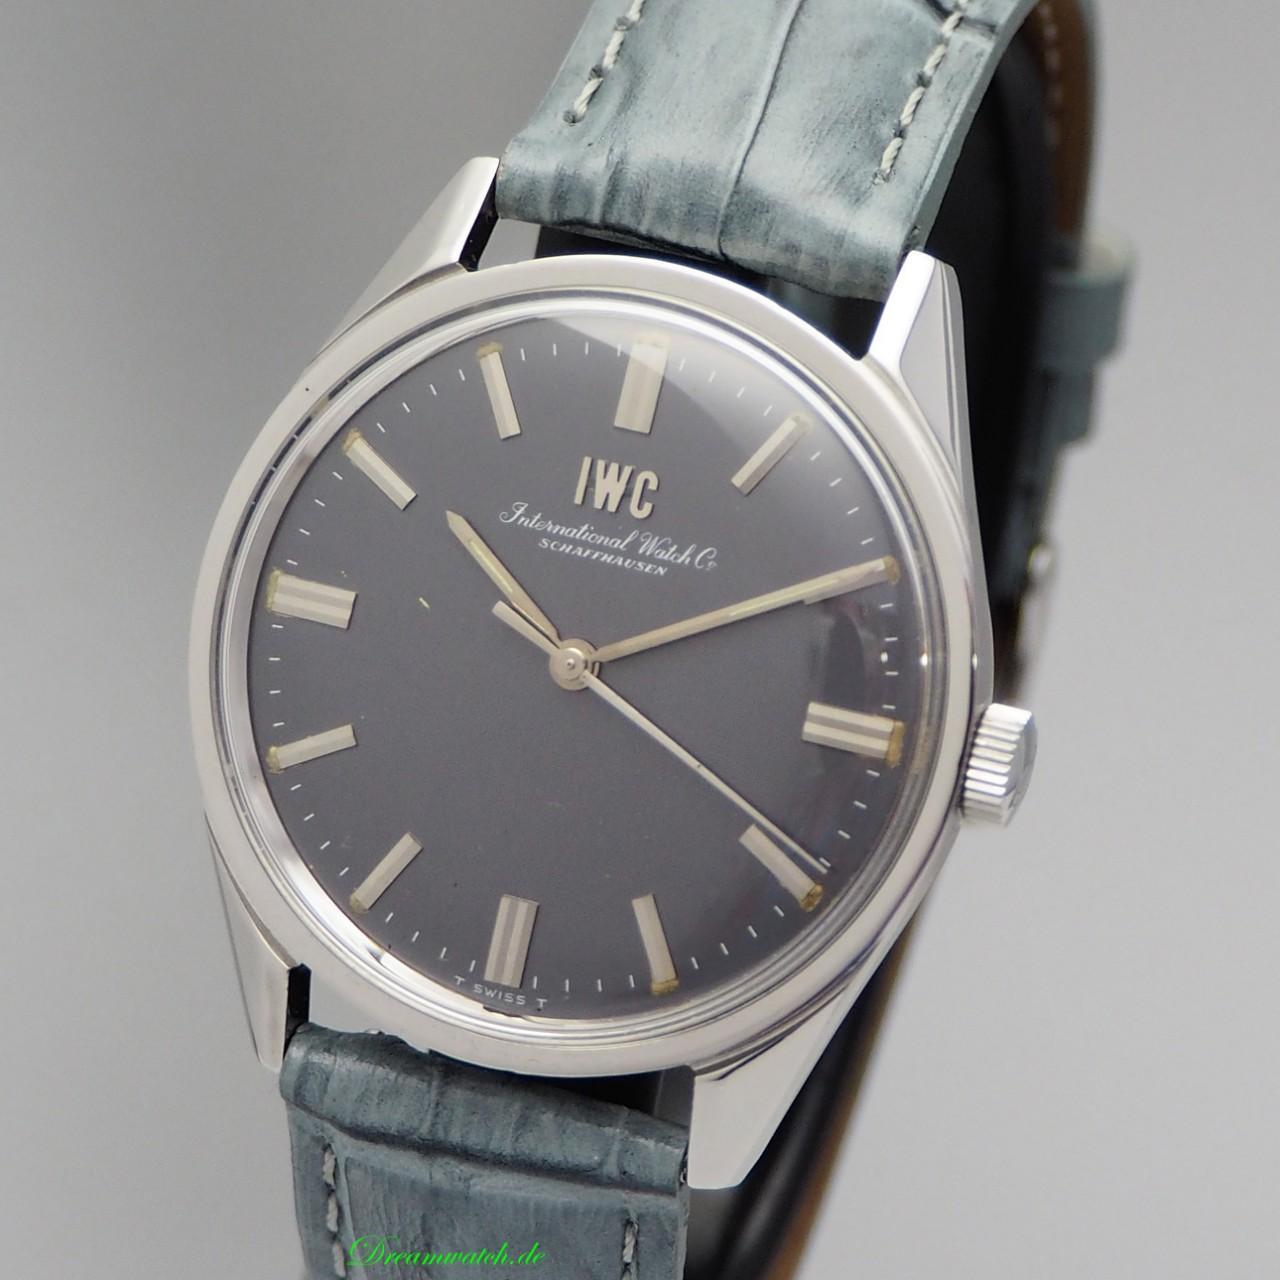 IWC Automatik Vintage Cal.89/ R810, original Papiere 1972 +IWC Service